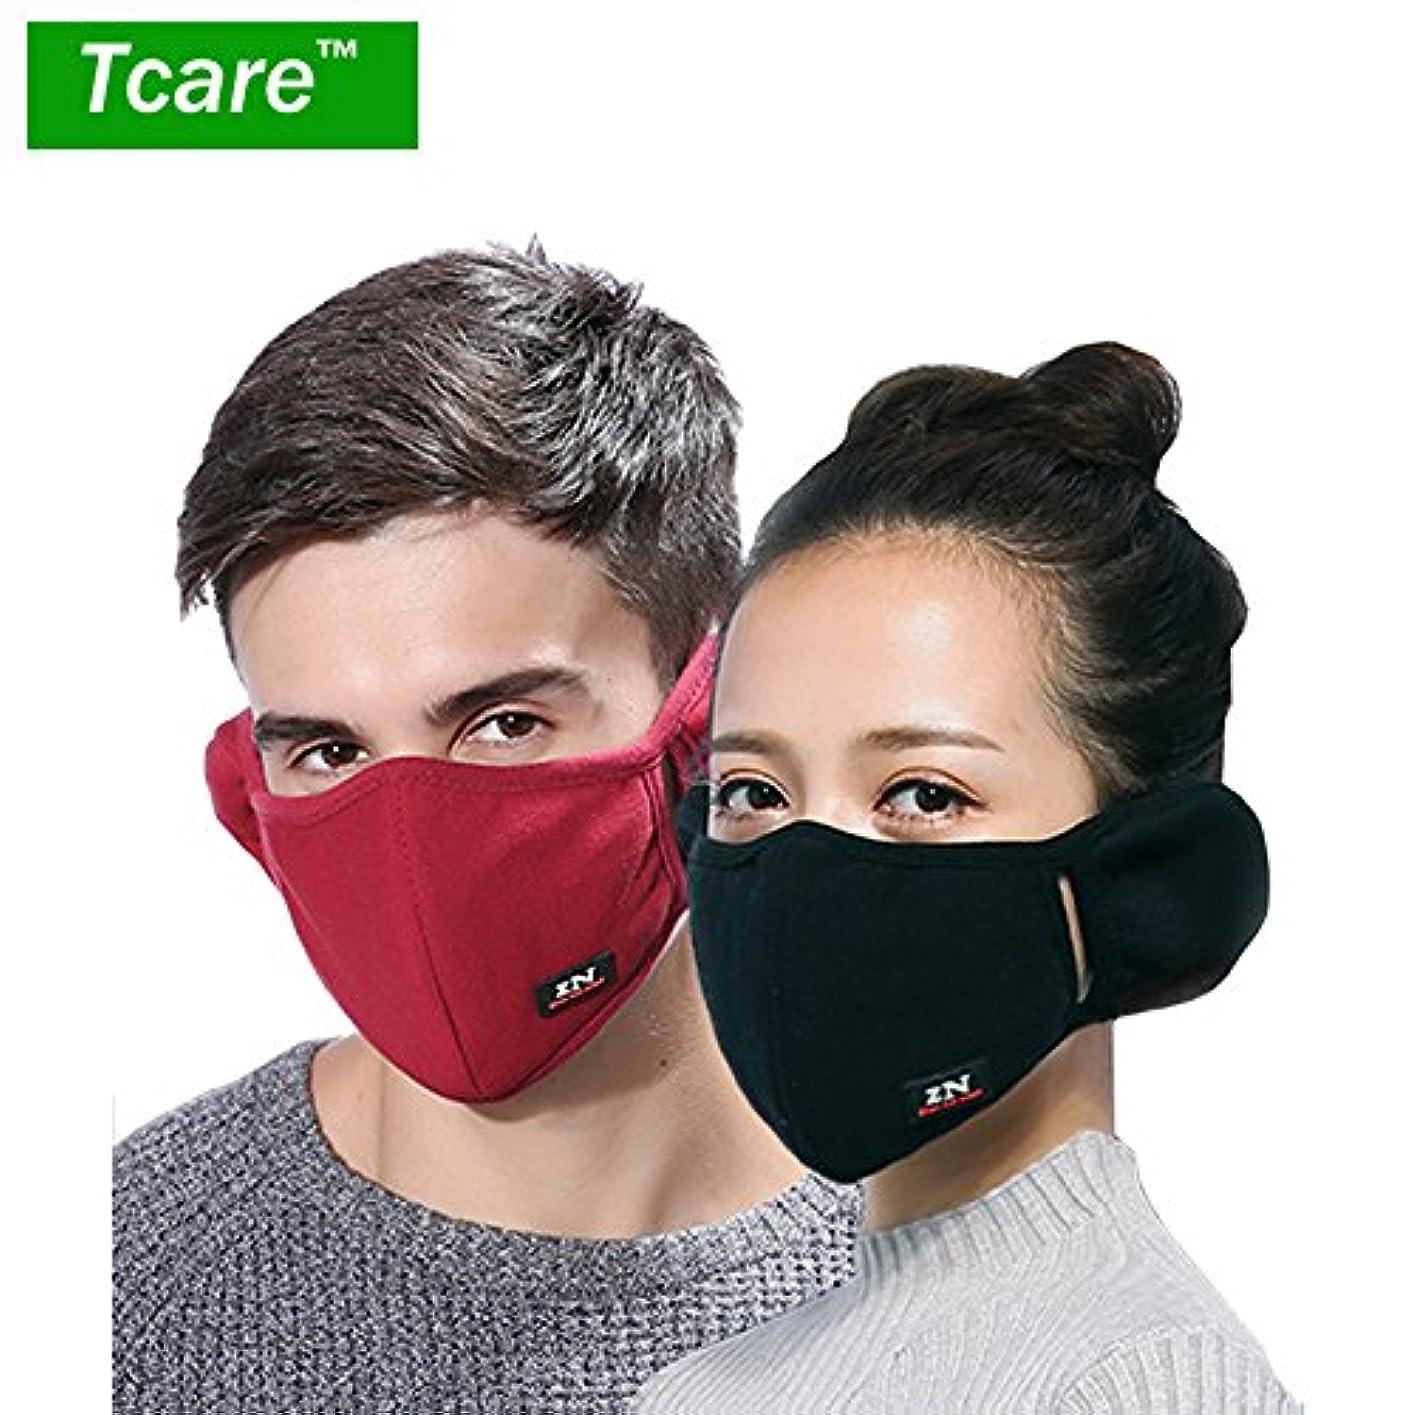 北東統治する補正男性女性の少年少女のためのTcare呼吸器2レイヤピュアコットン保護フィルター挿入口:1レッド